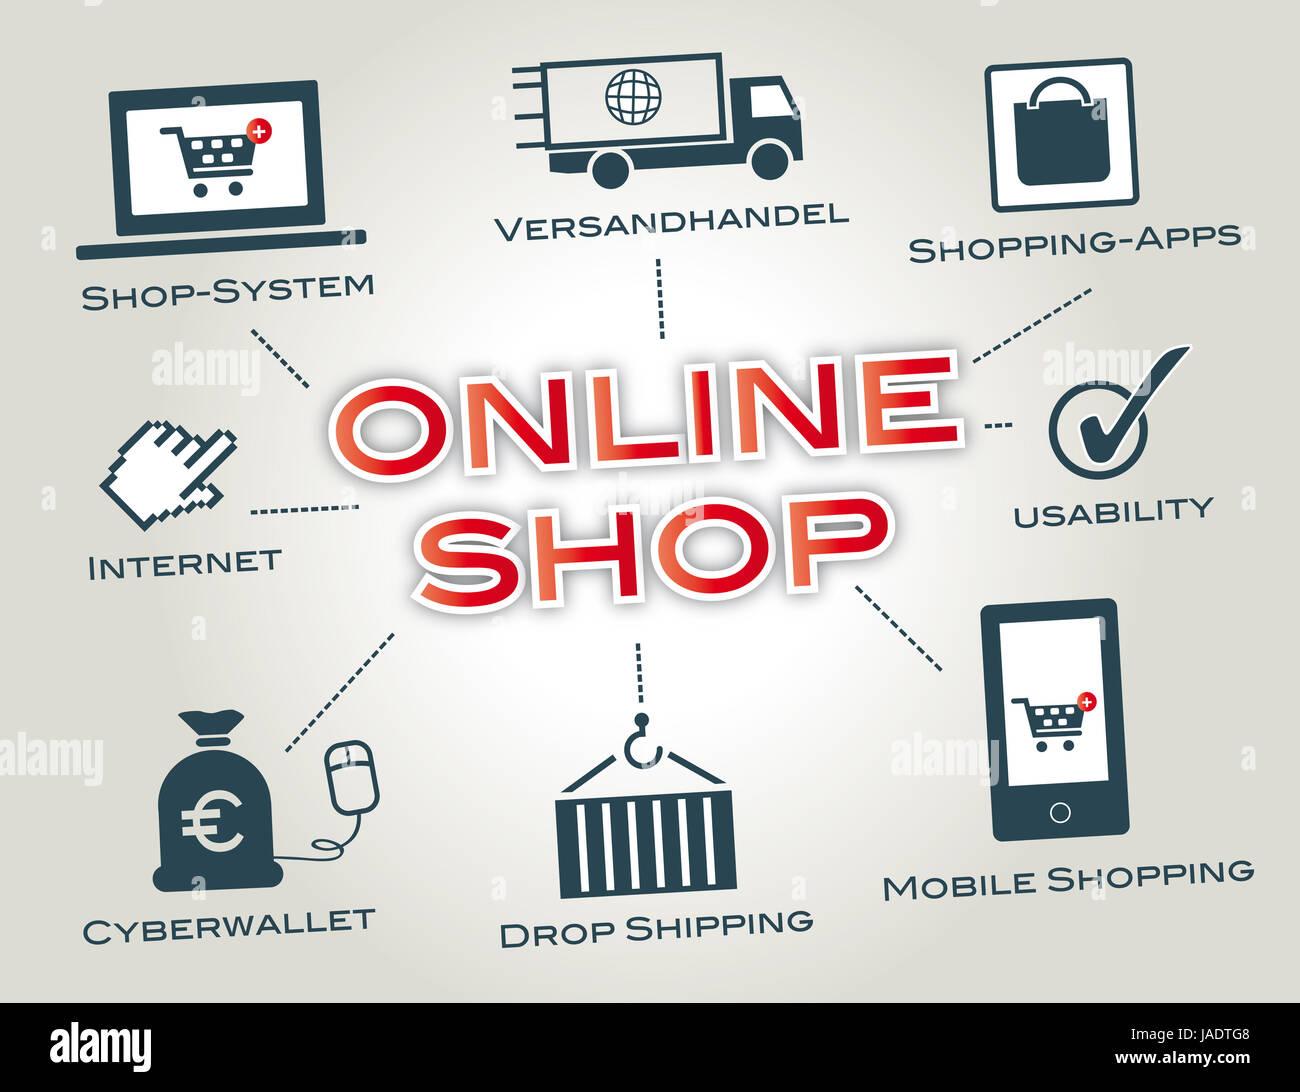 bestellen, bestellung, business, computer, e-business, e-commerce, ecommerce, einkauf, einkaufen, einkaufswagen, - Stock Image